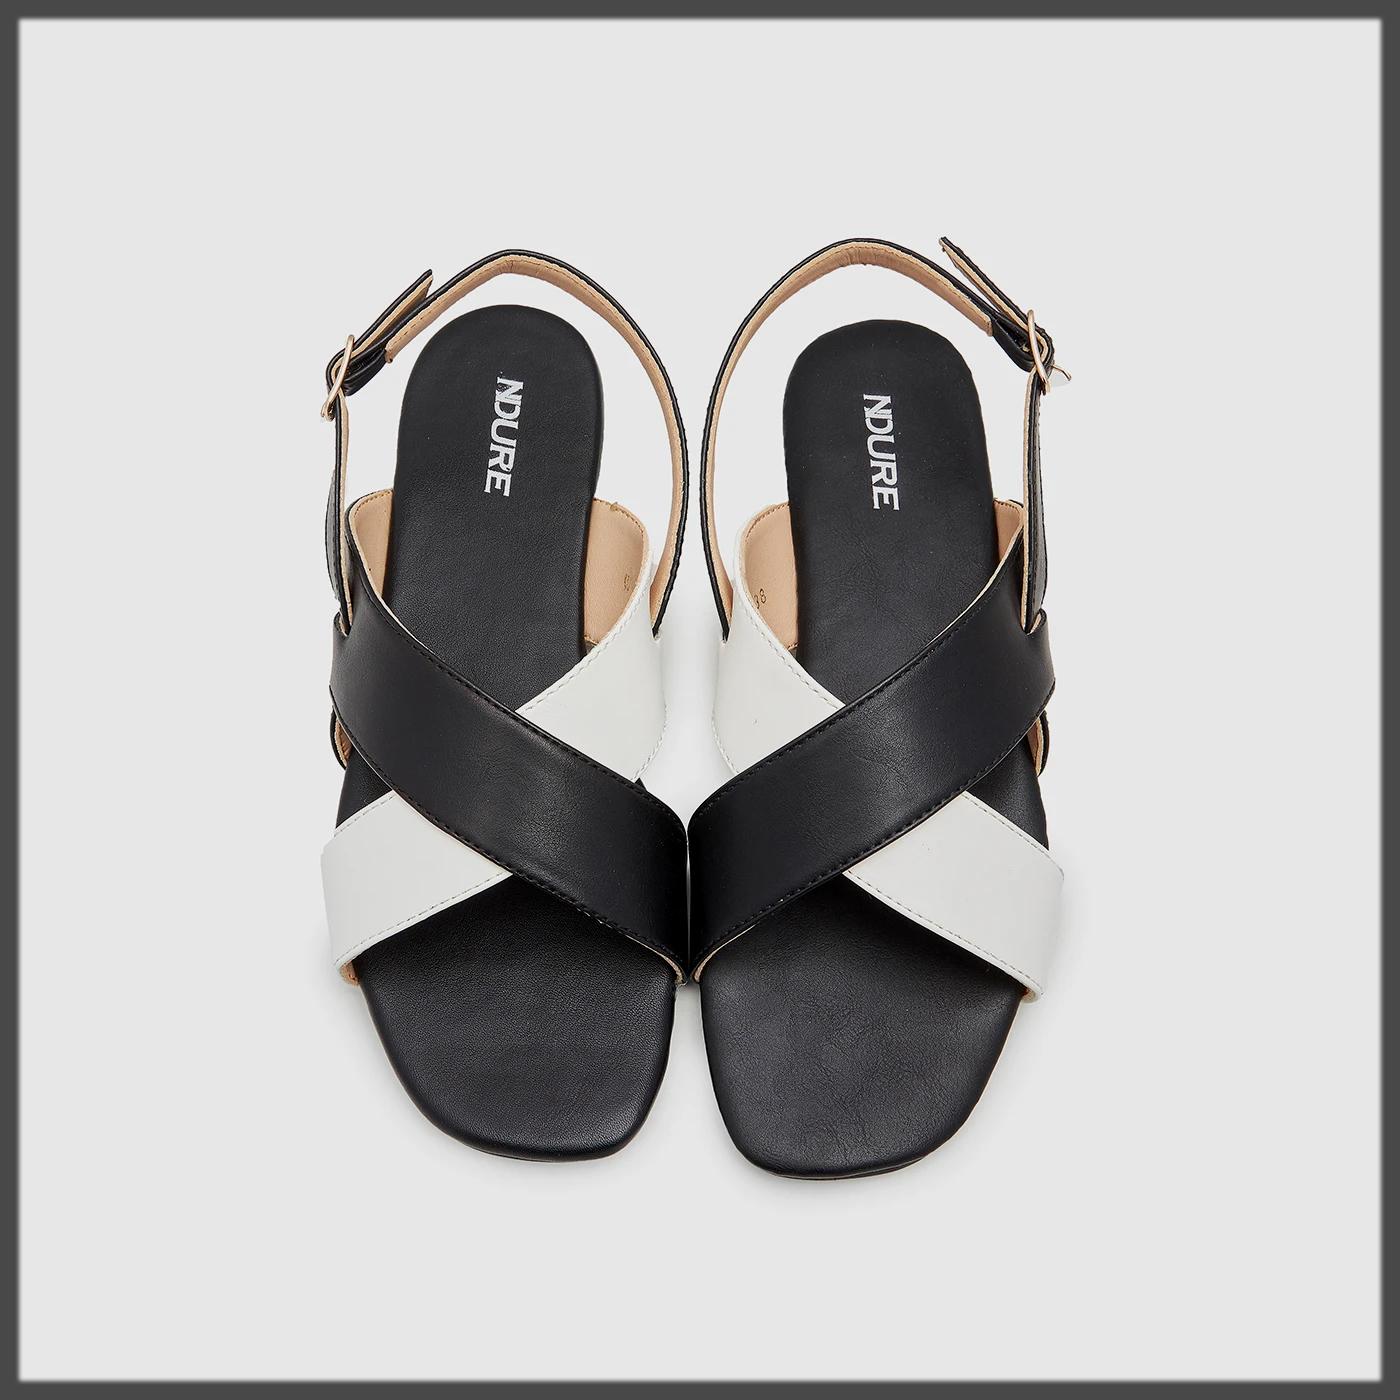 Cross-Strap Ladies Sandals by Ndure